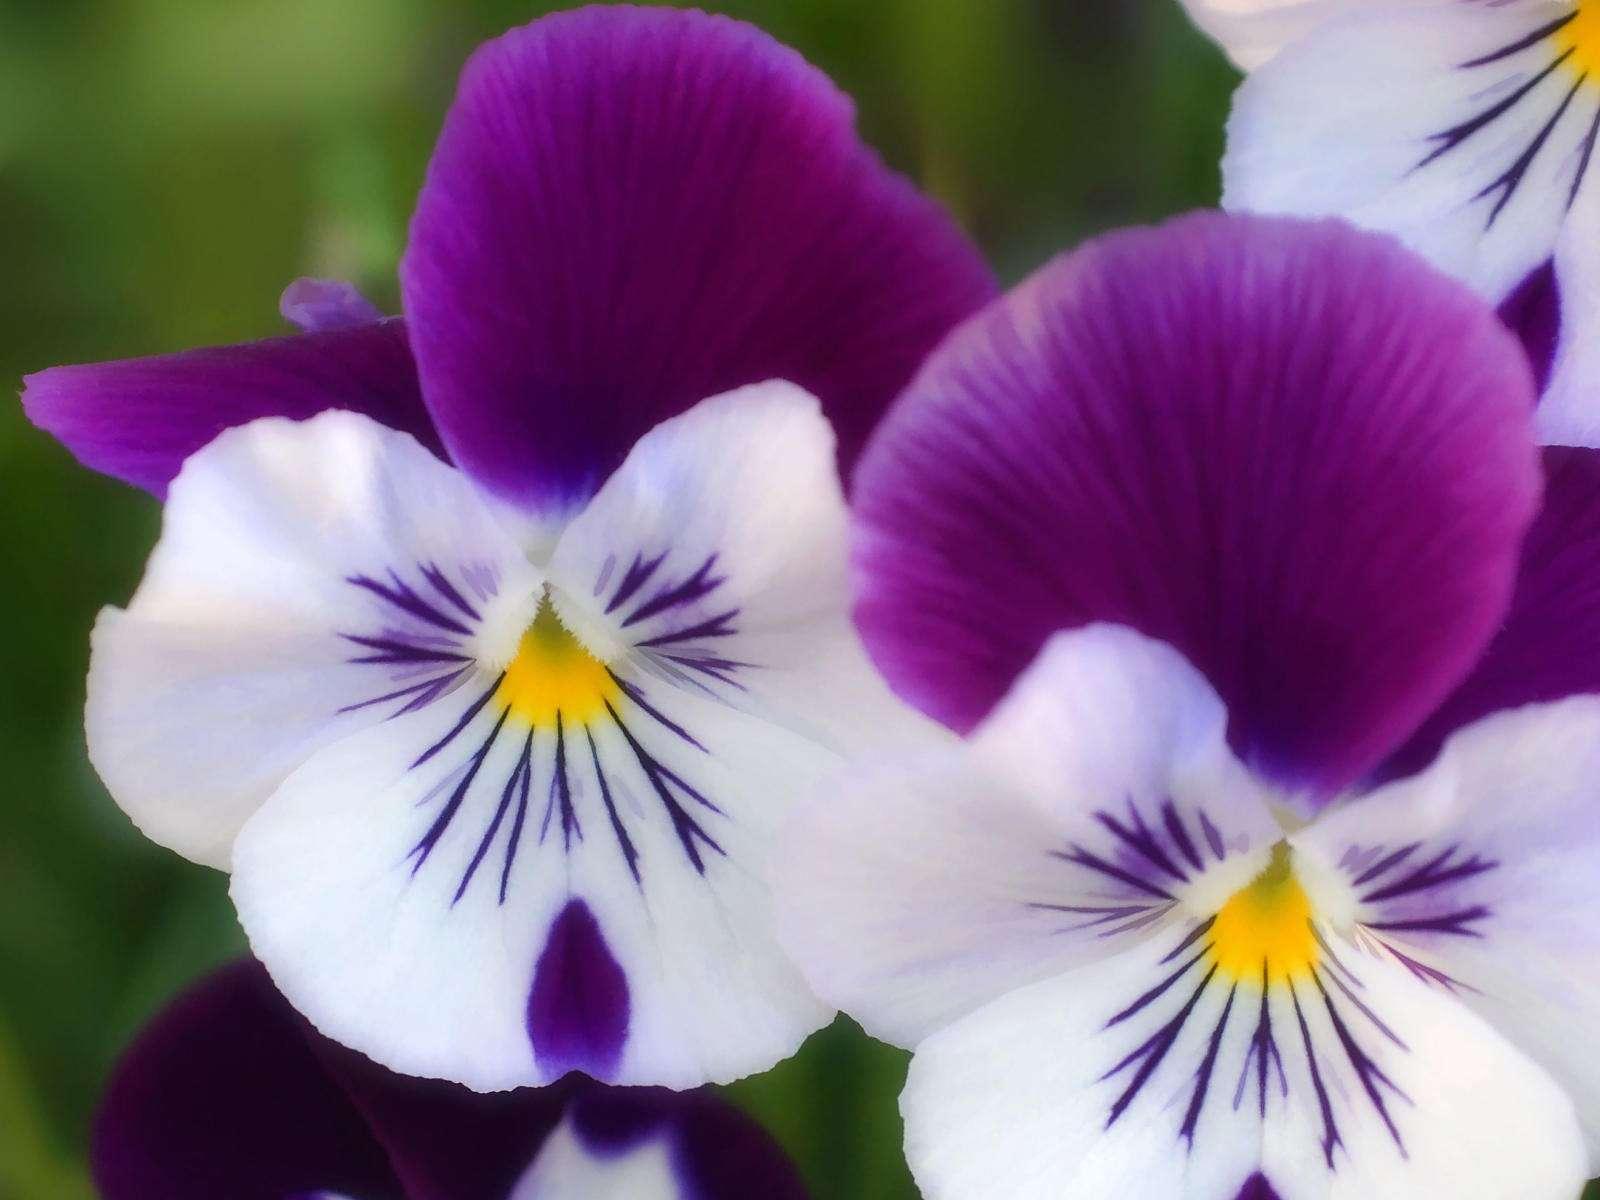 بالصور ازهار جميلة , ارق ورود رومانسية 982 4